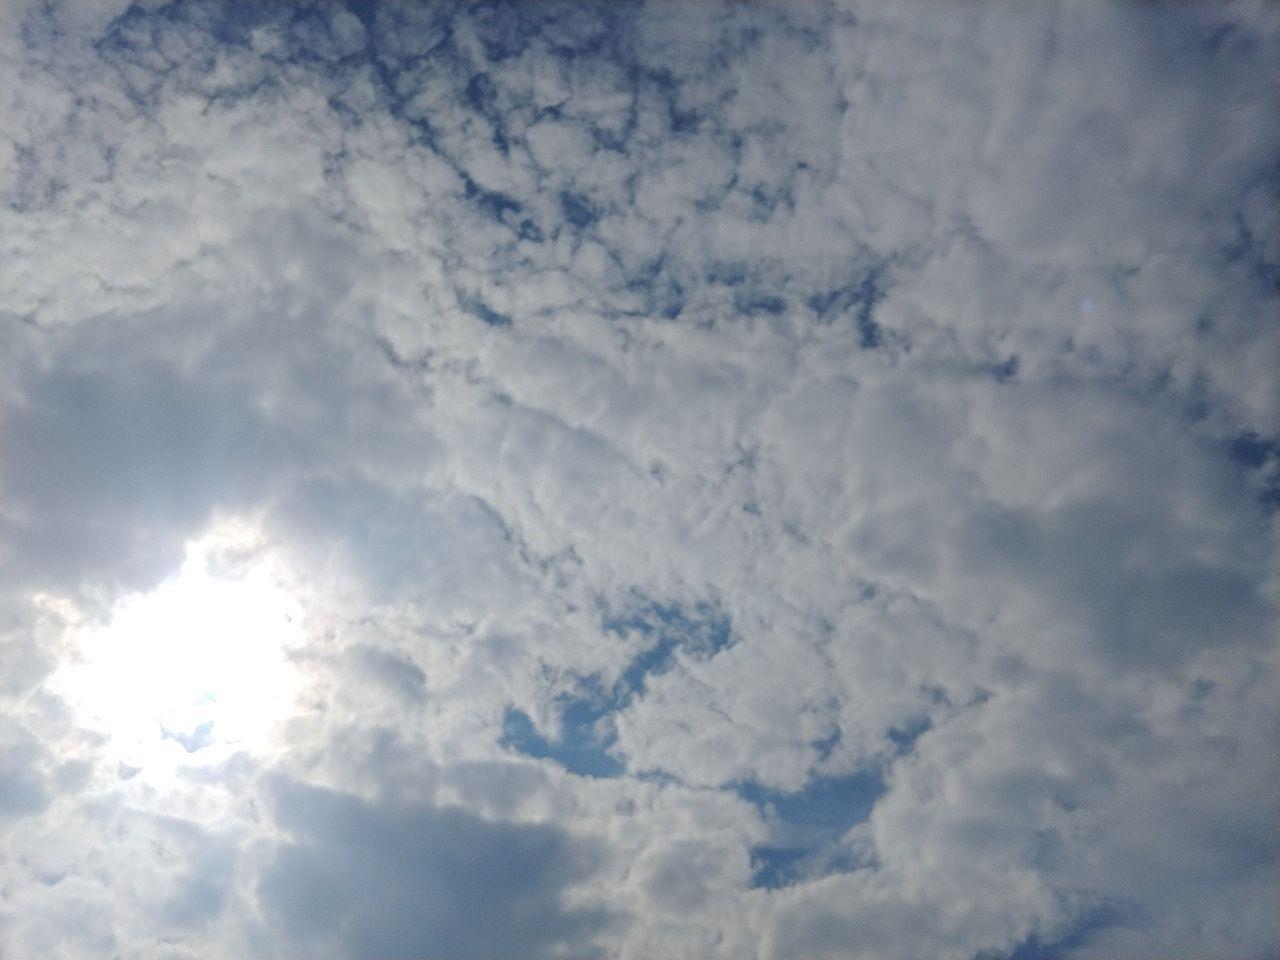 厚い雲の奥にまぶしい太陽が見えます